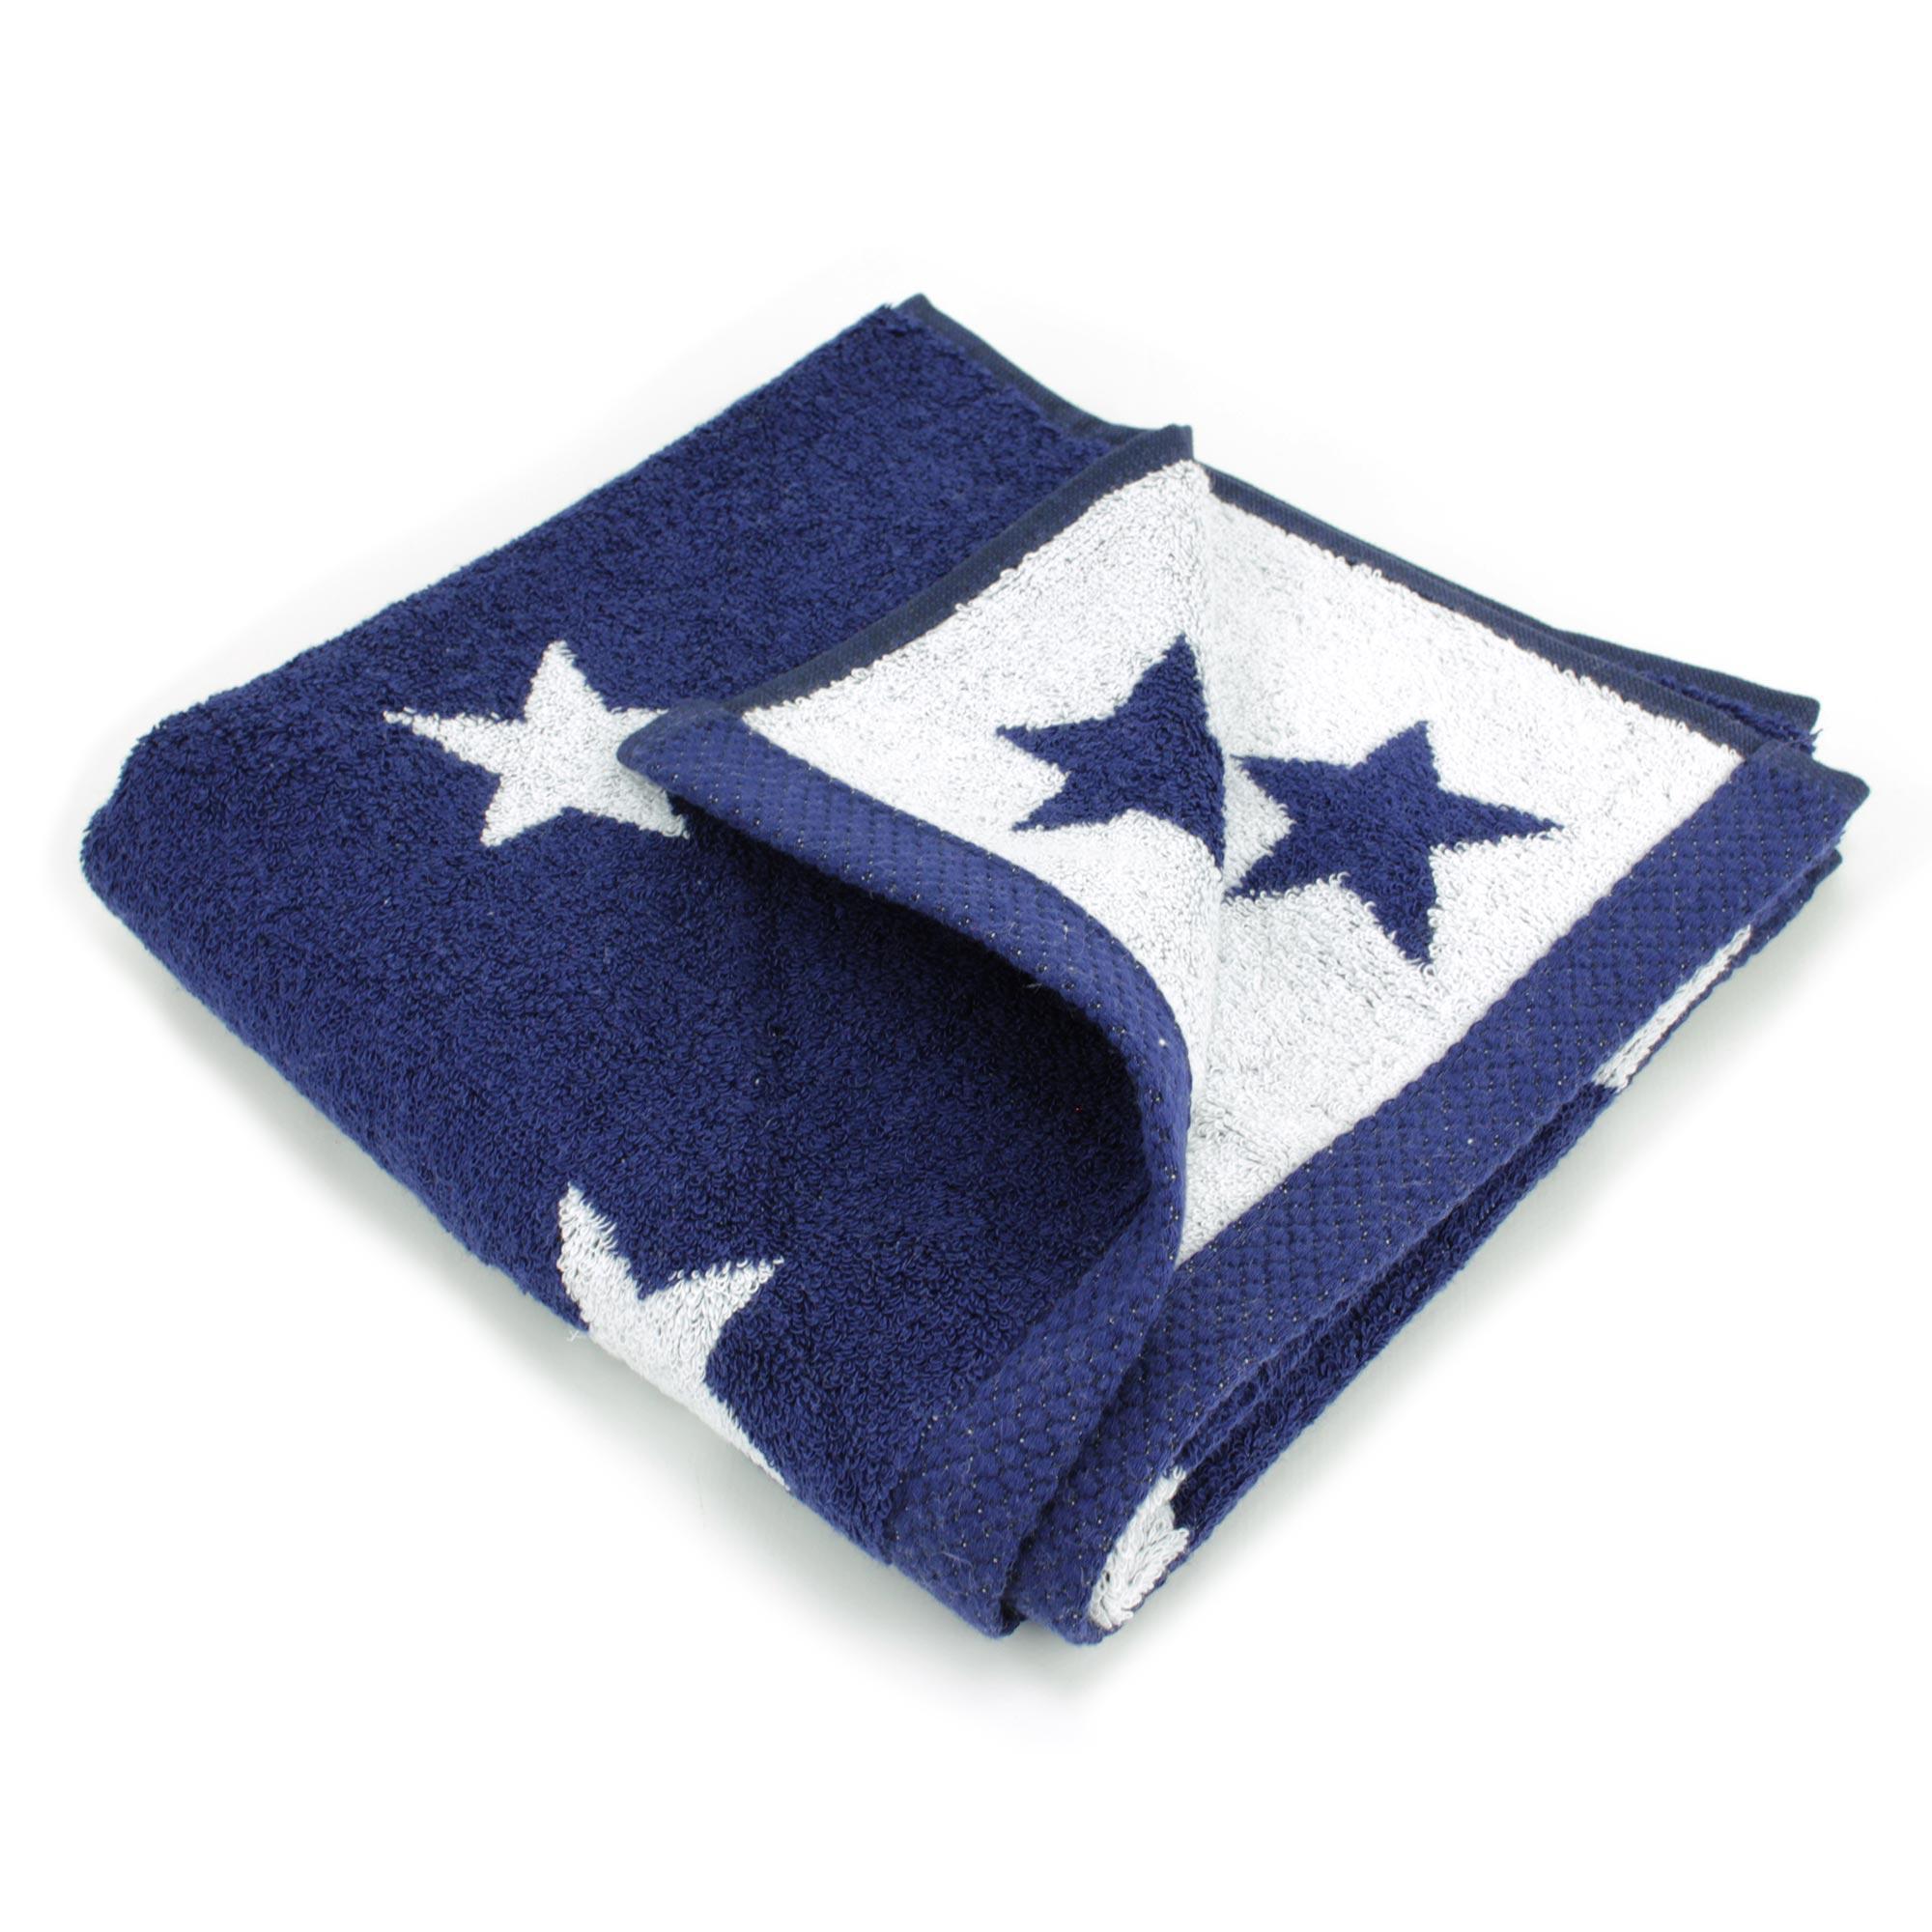 parure de bain 7 pi ces cm coton stars bleu marine linnea vente de linge de maison. Black Bedroom Furniture Sets. Home Design Ideas